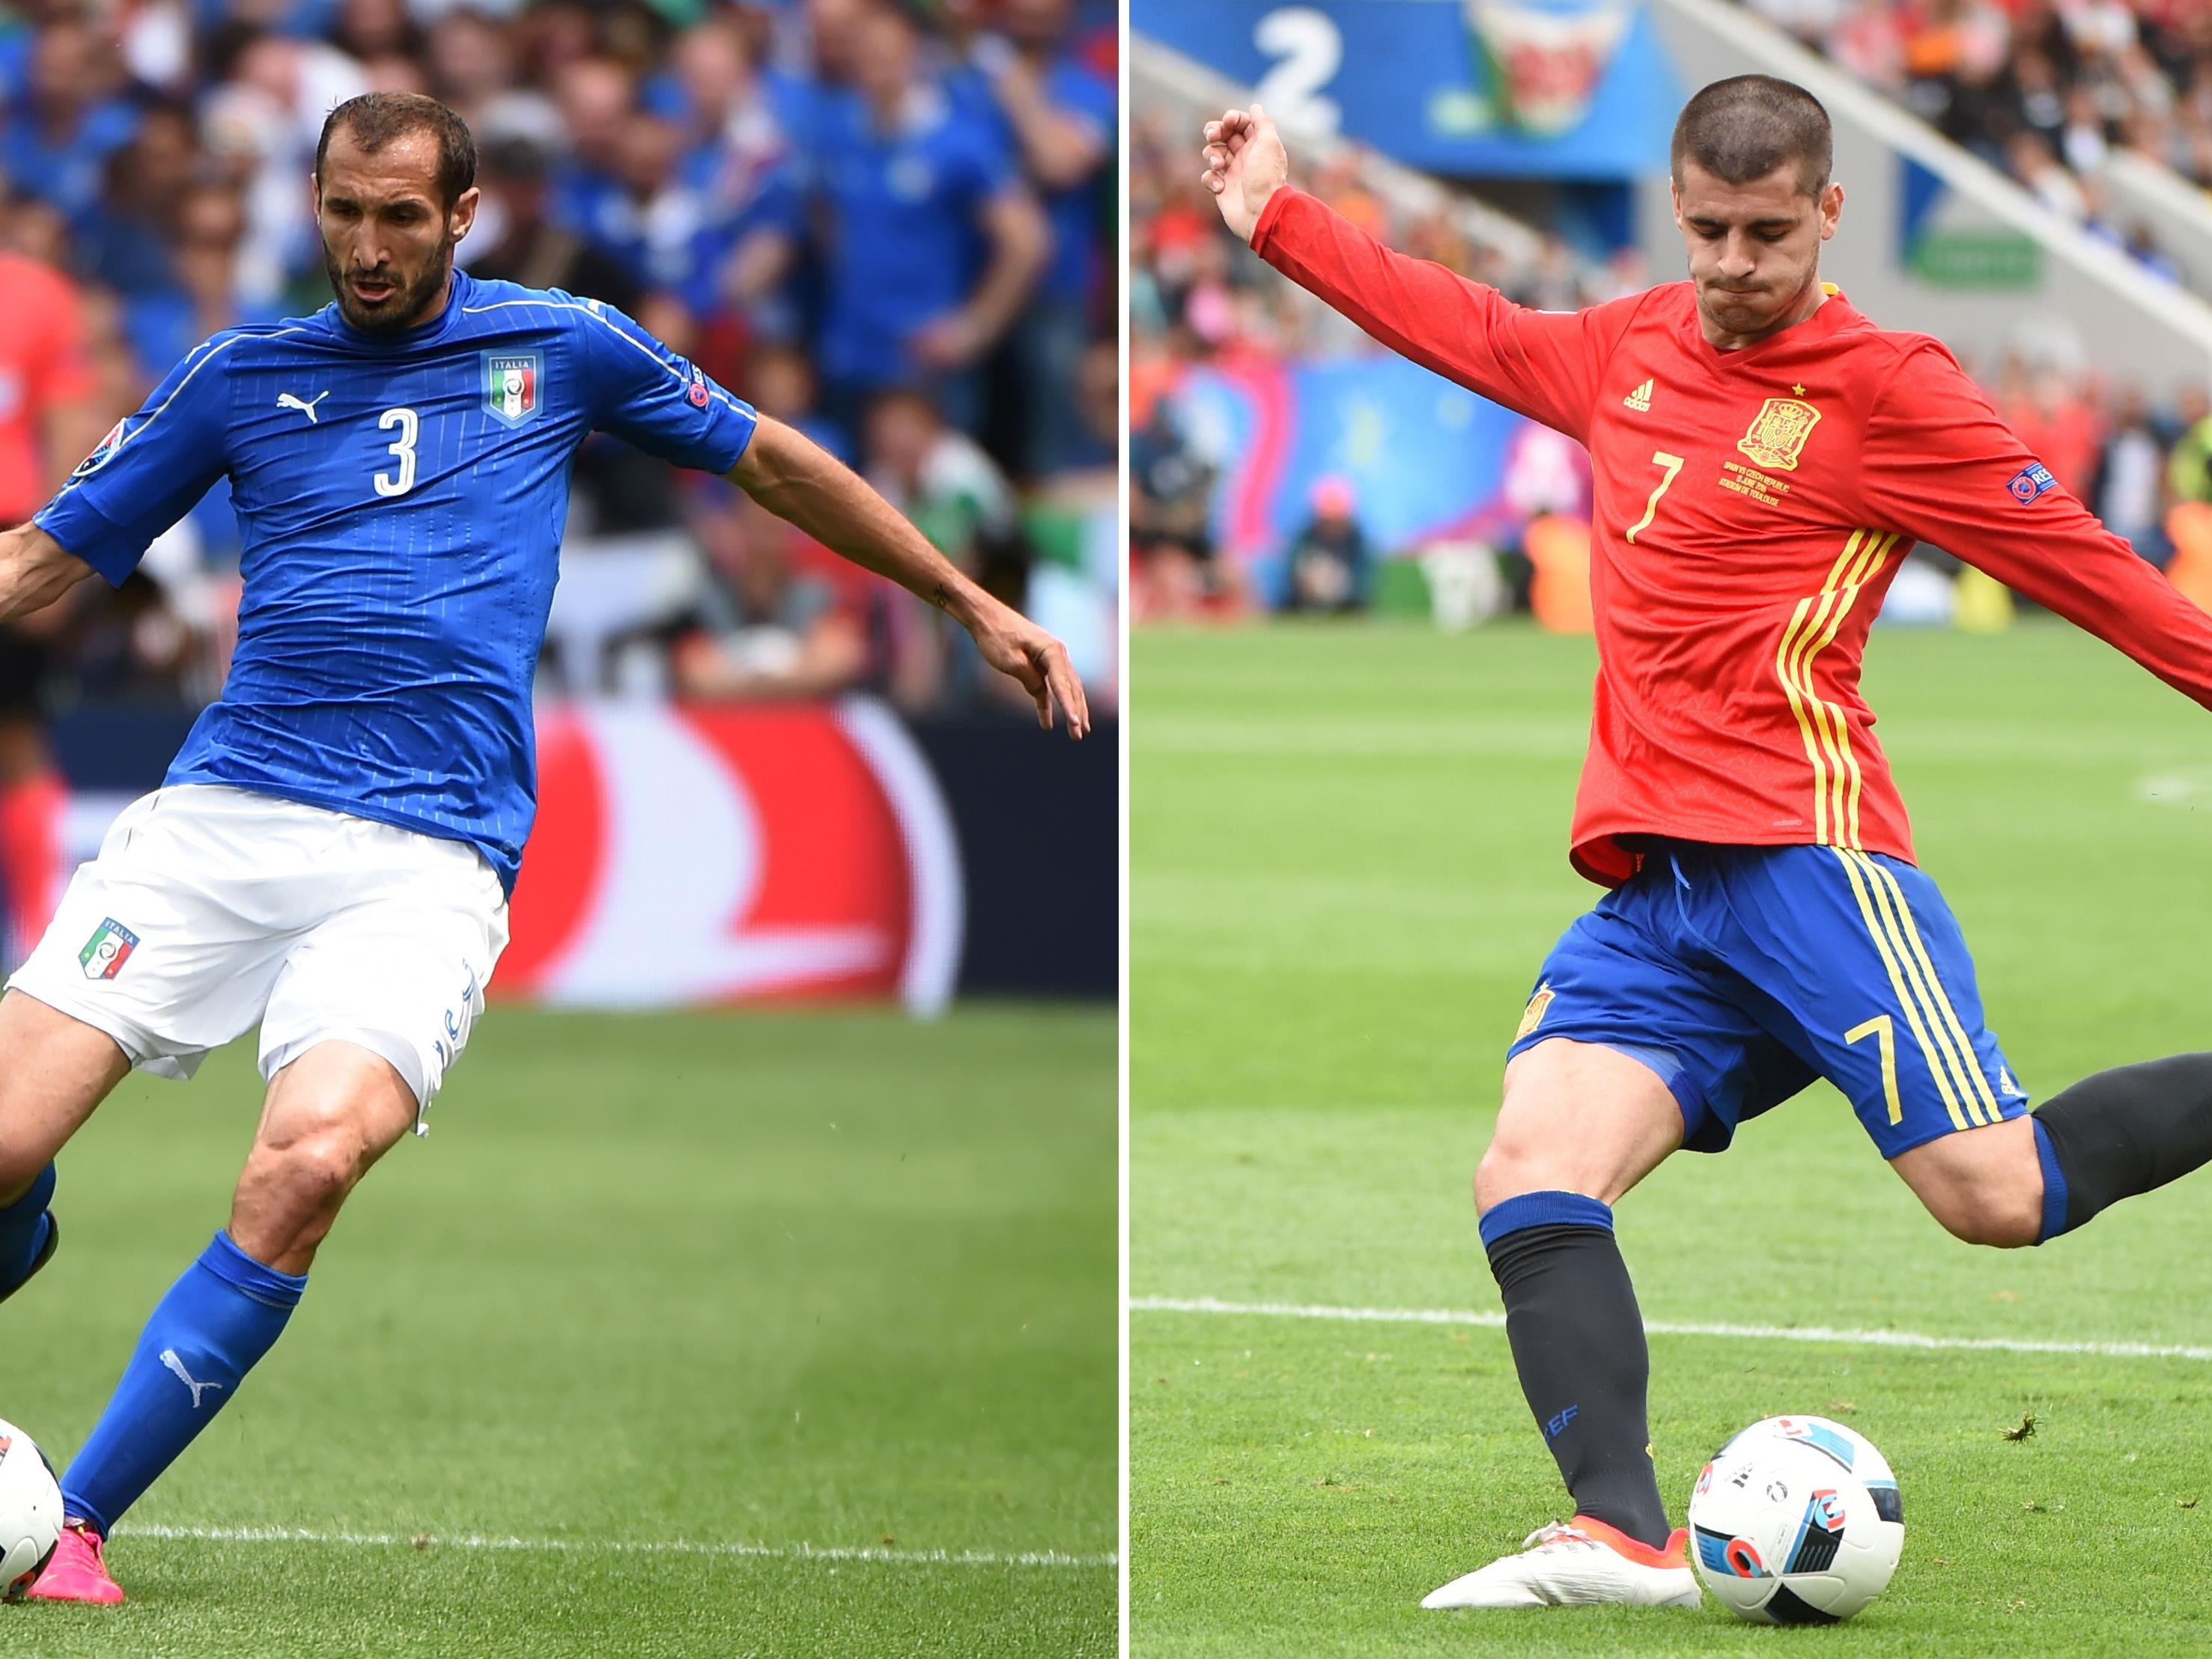 LIVE vom EM-Achtelfinale zwischen Italien und Spanien.